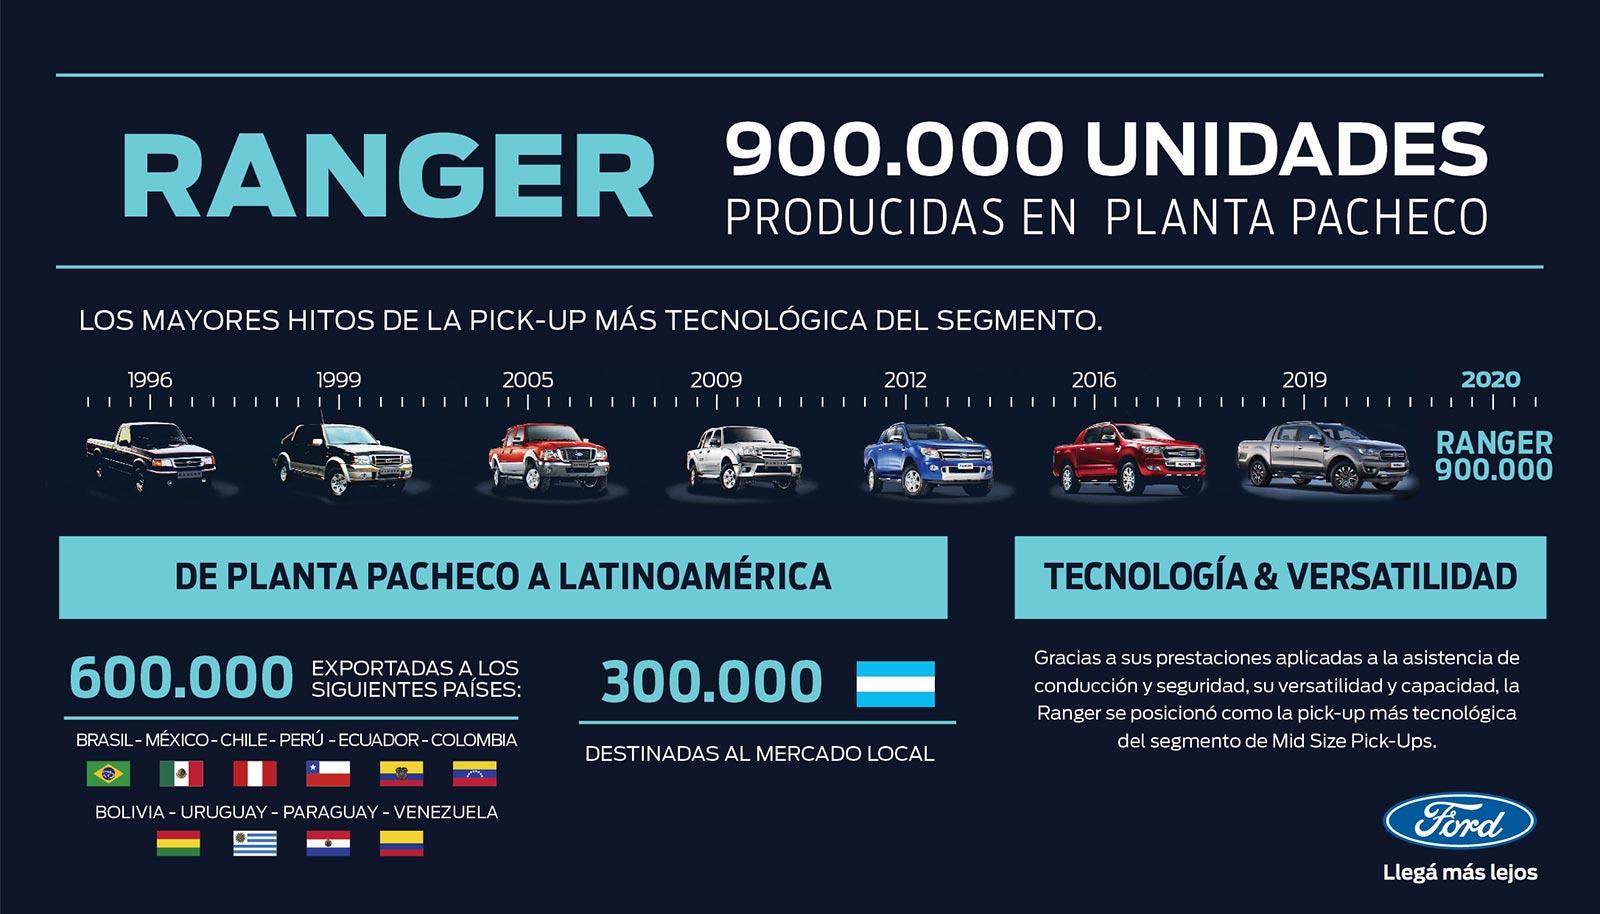 Ford Argentina producción Ranger 900.000